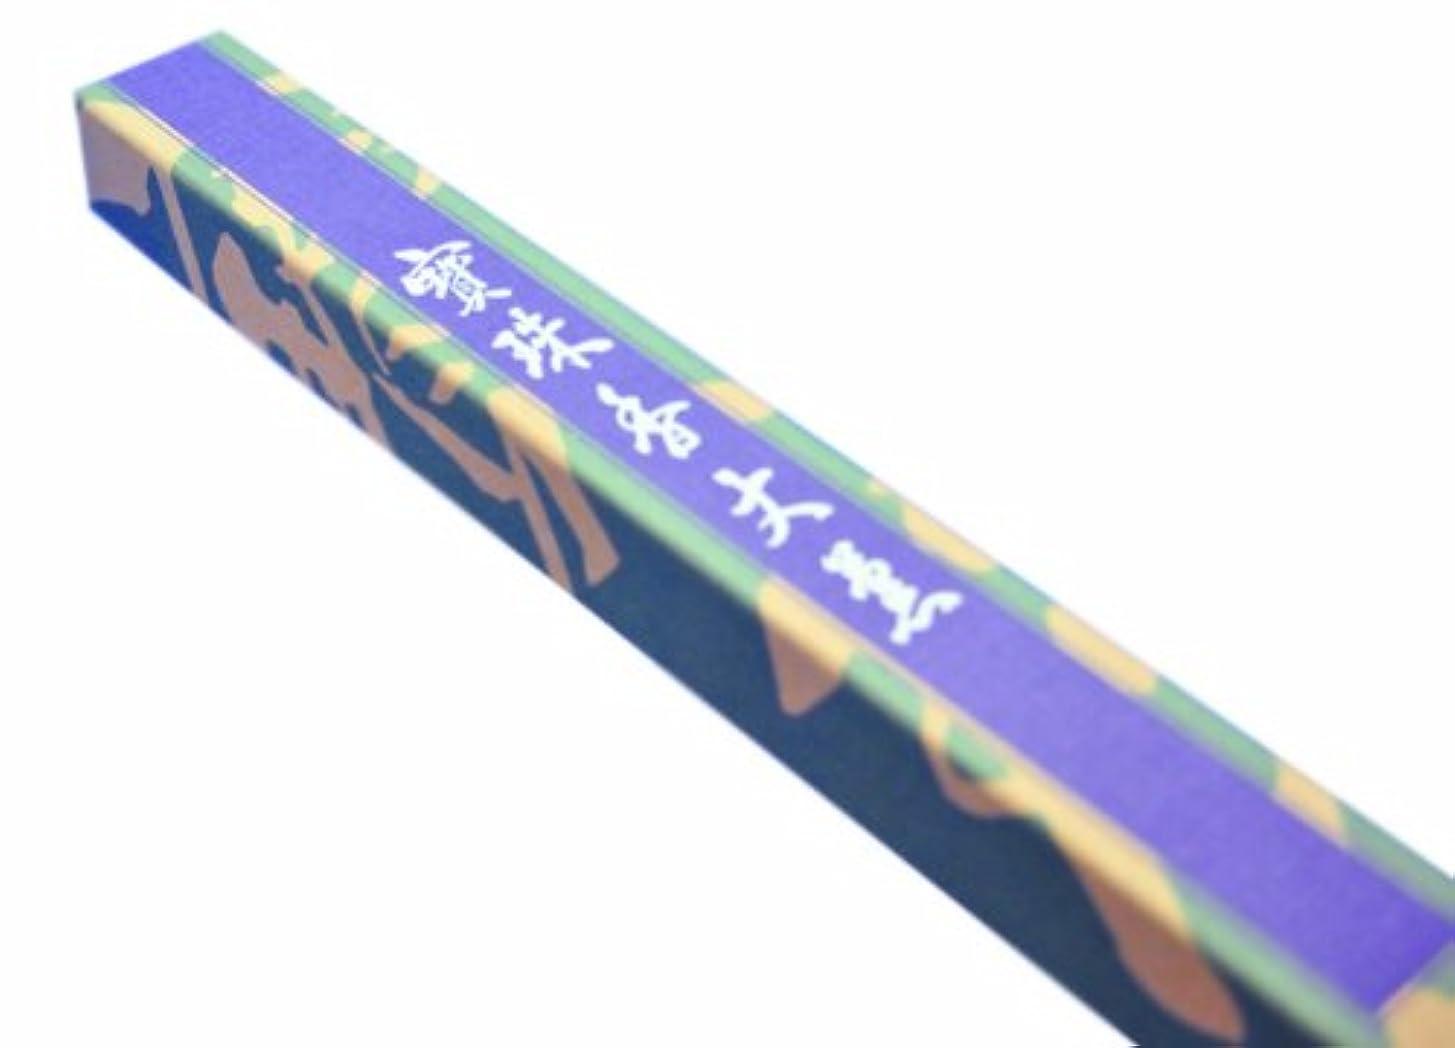 ポテト拡張吸収剤お線香 寳珠香 大薫香 約70g シャム沈香の香り